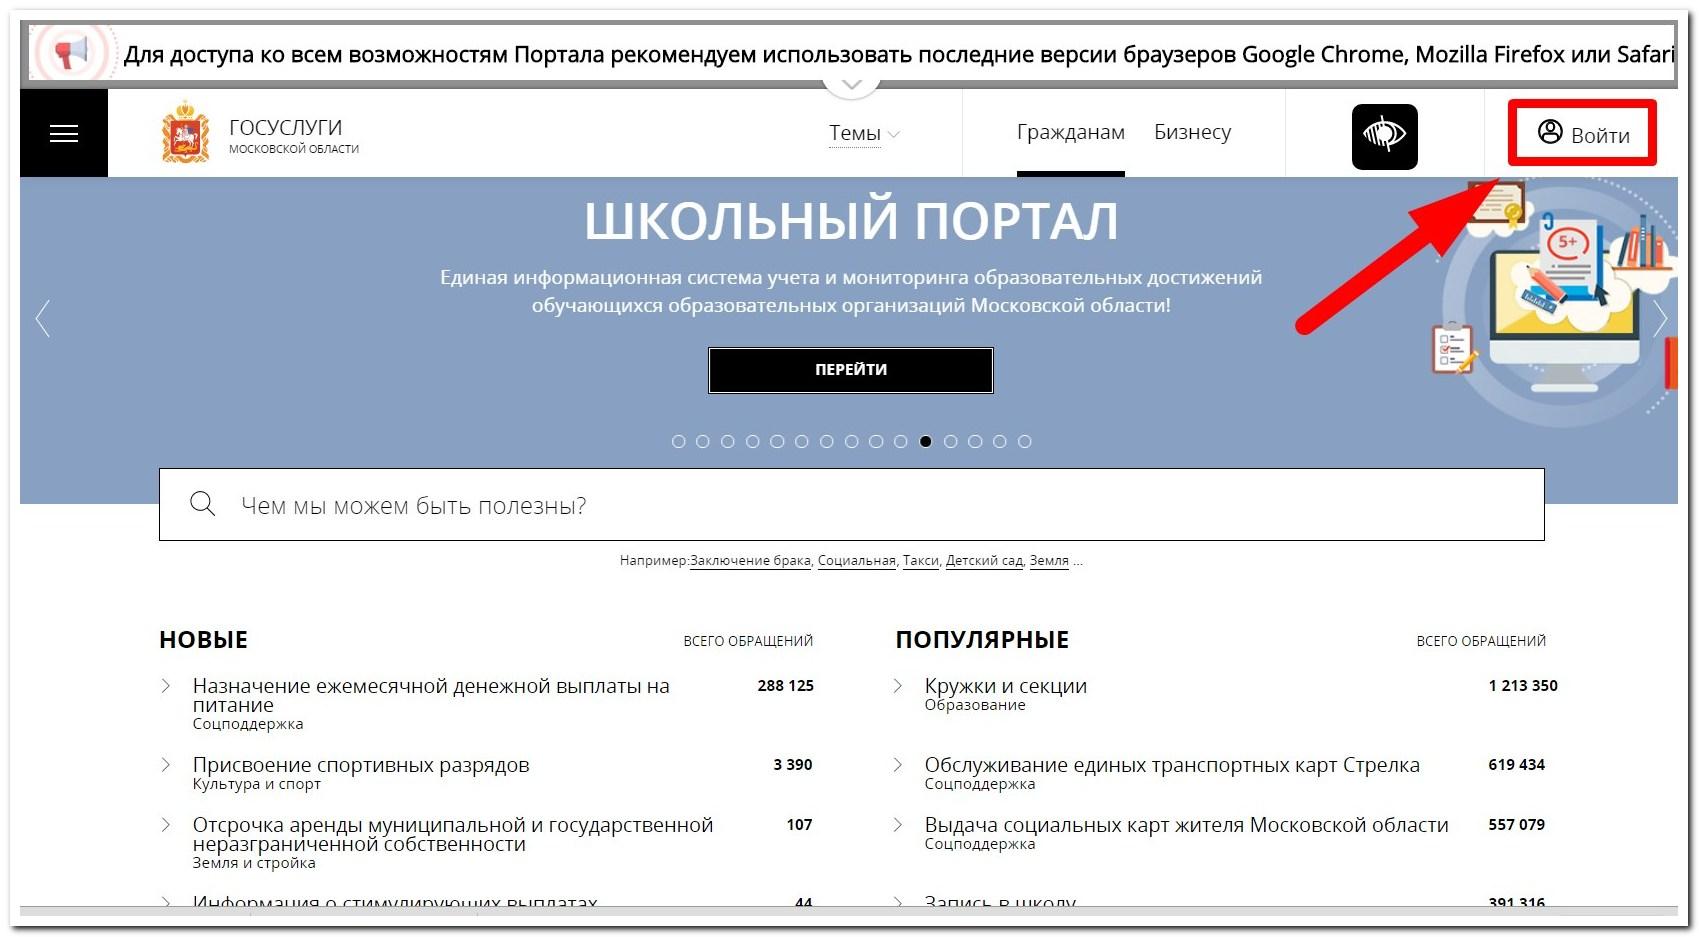 московский школьный портал госуслуг через есиа